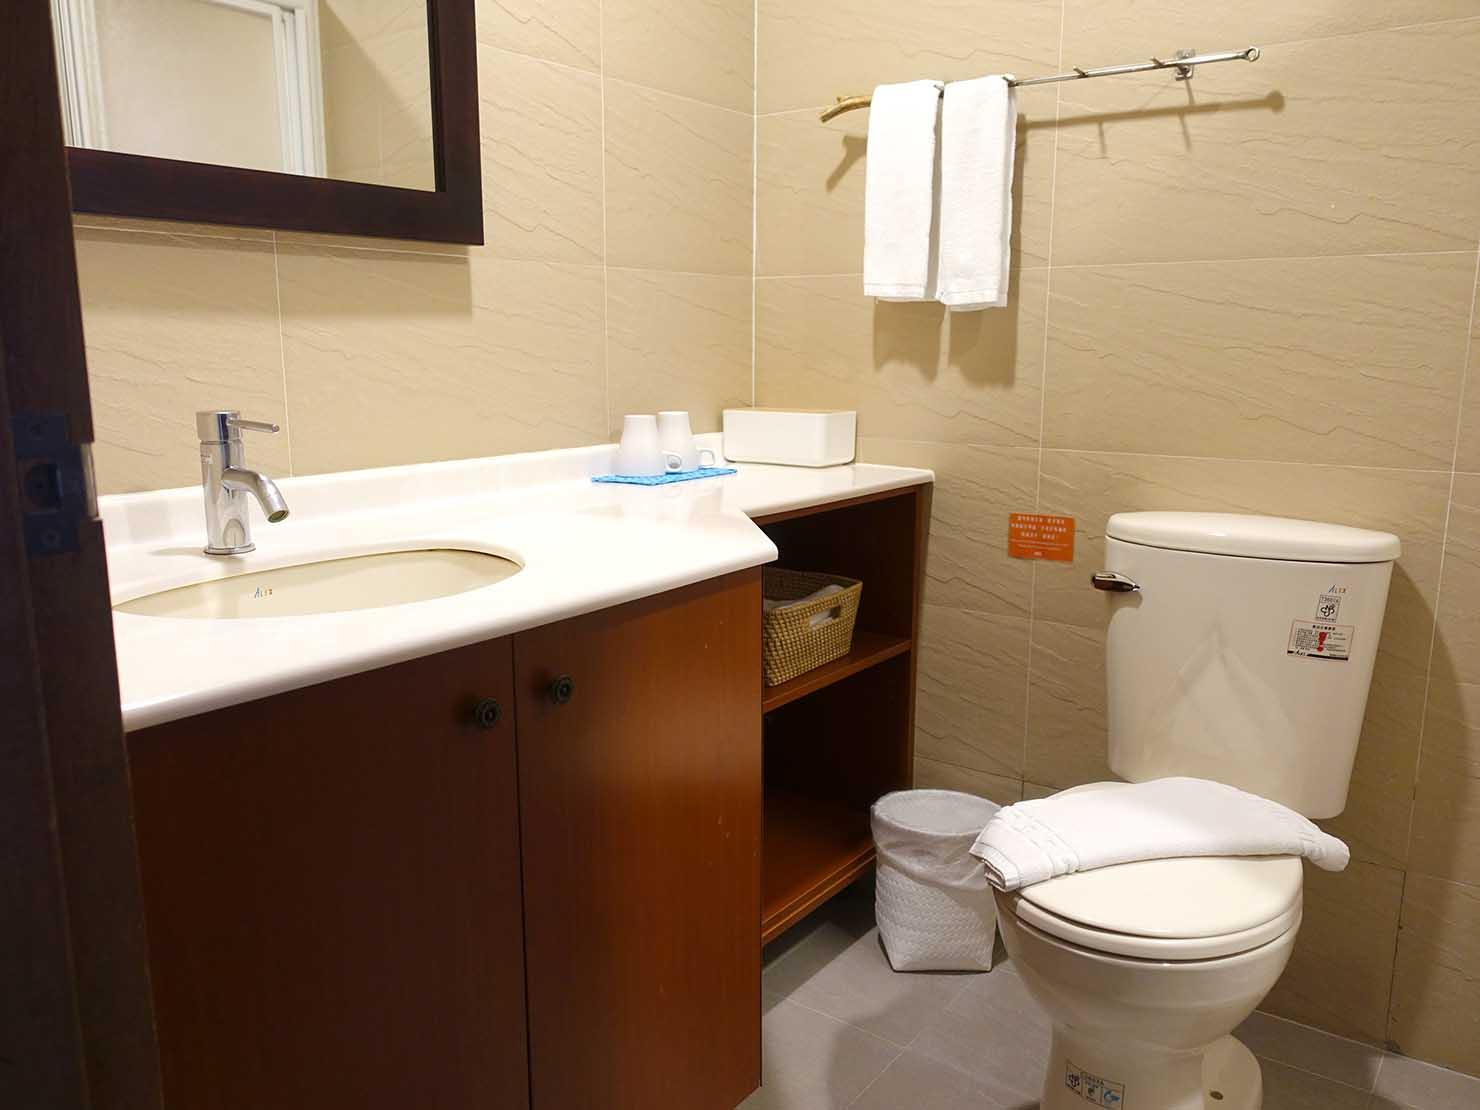 台湾・台東市街のおすすめホテル「MATA家屋」の守護雙人房(ダブルルーム)のトイレ